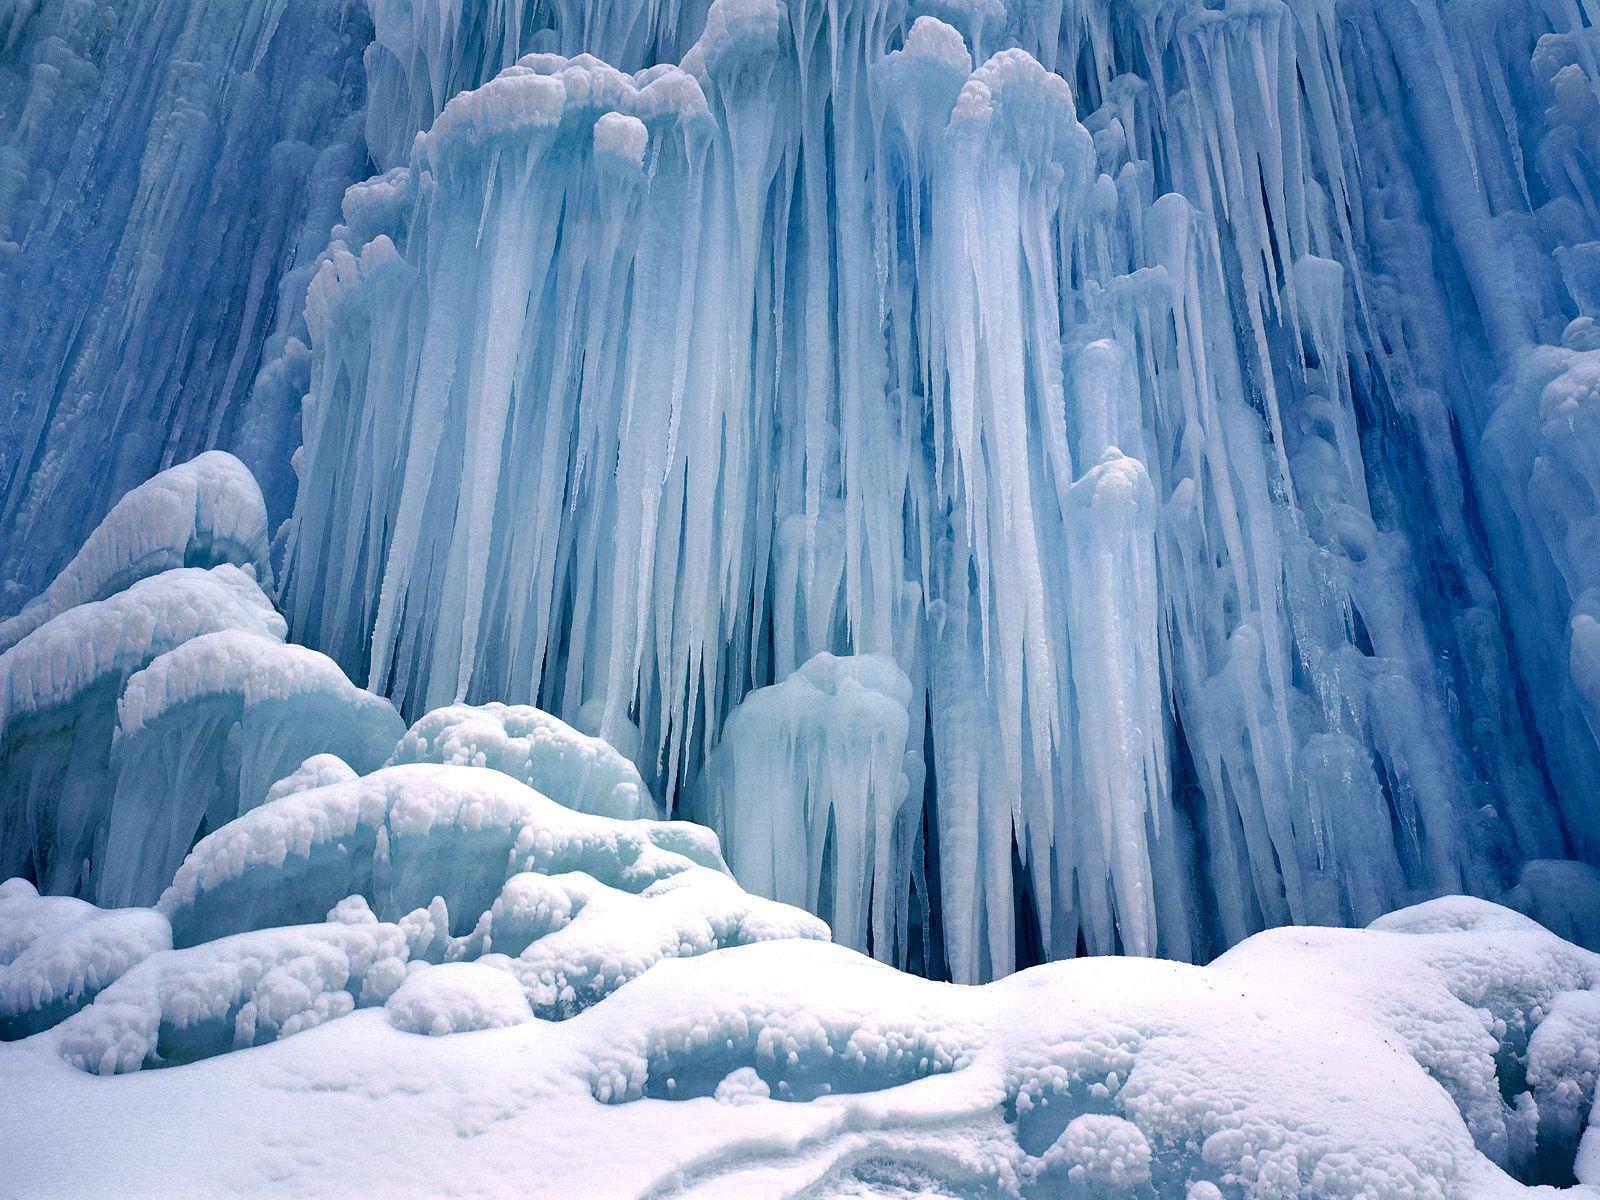 Картинки снежной зимы сосулек рождения